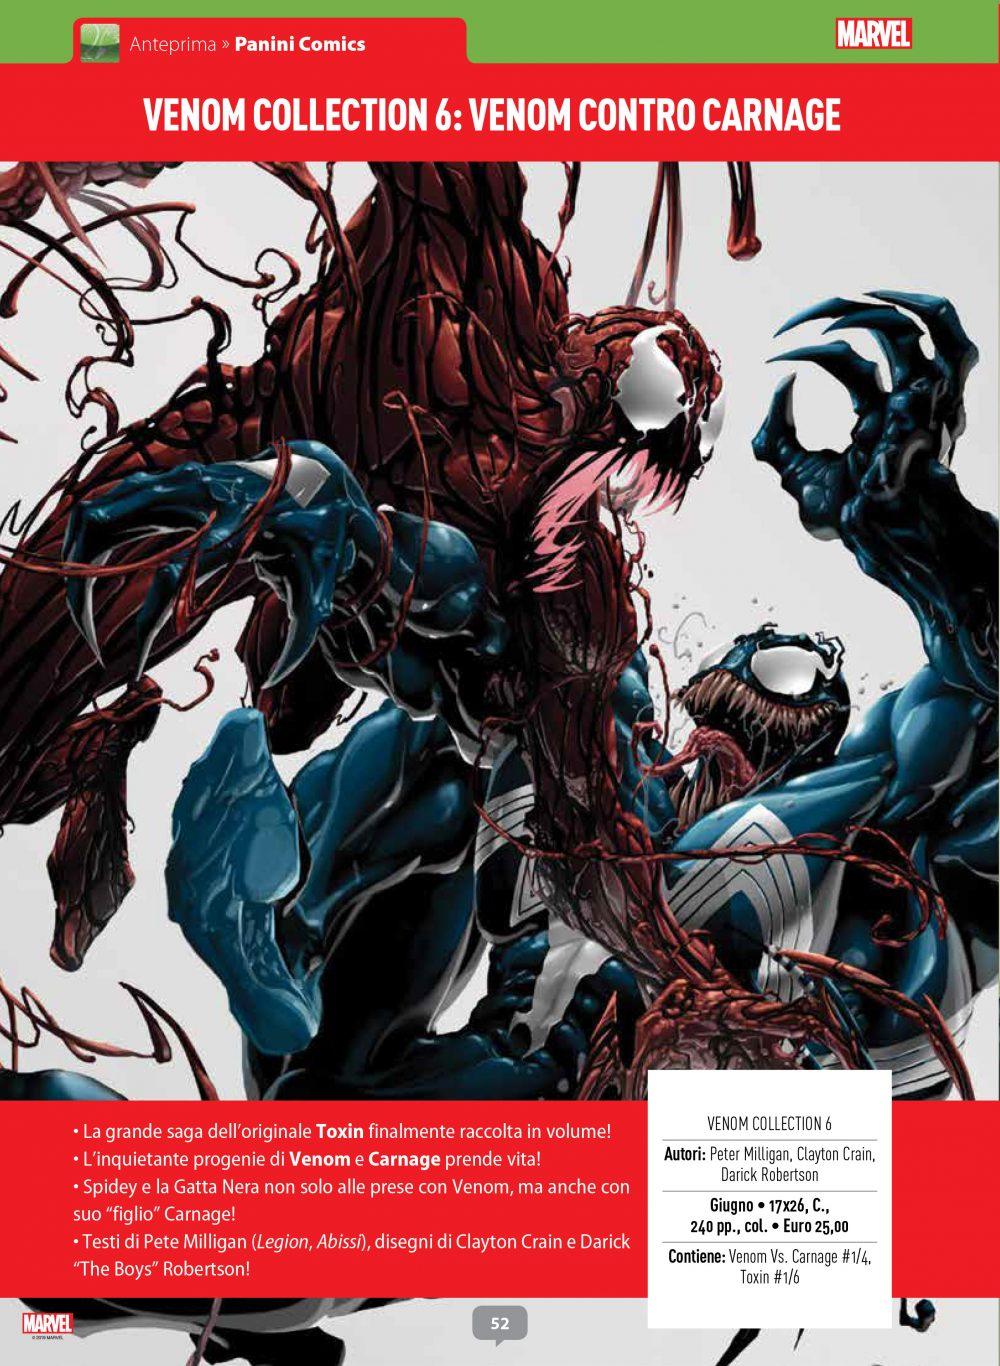 Venom contro Carnage su Anteprima